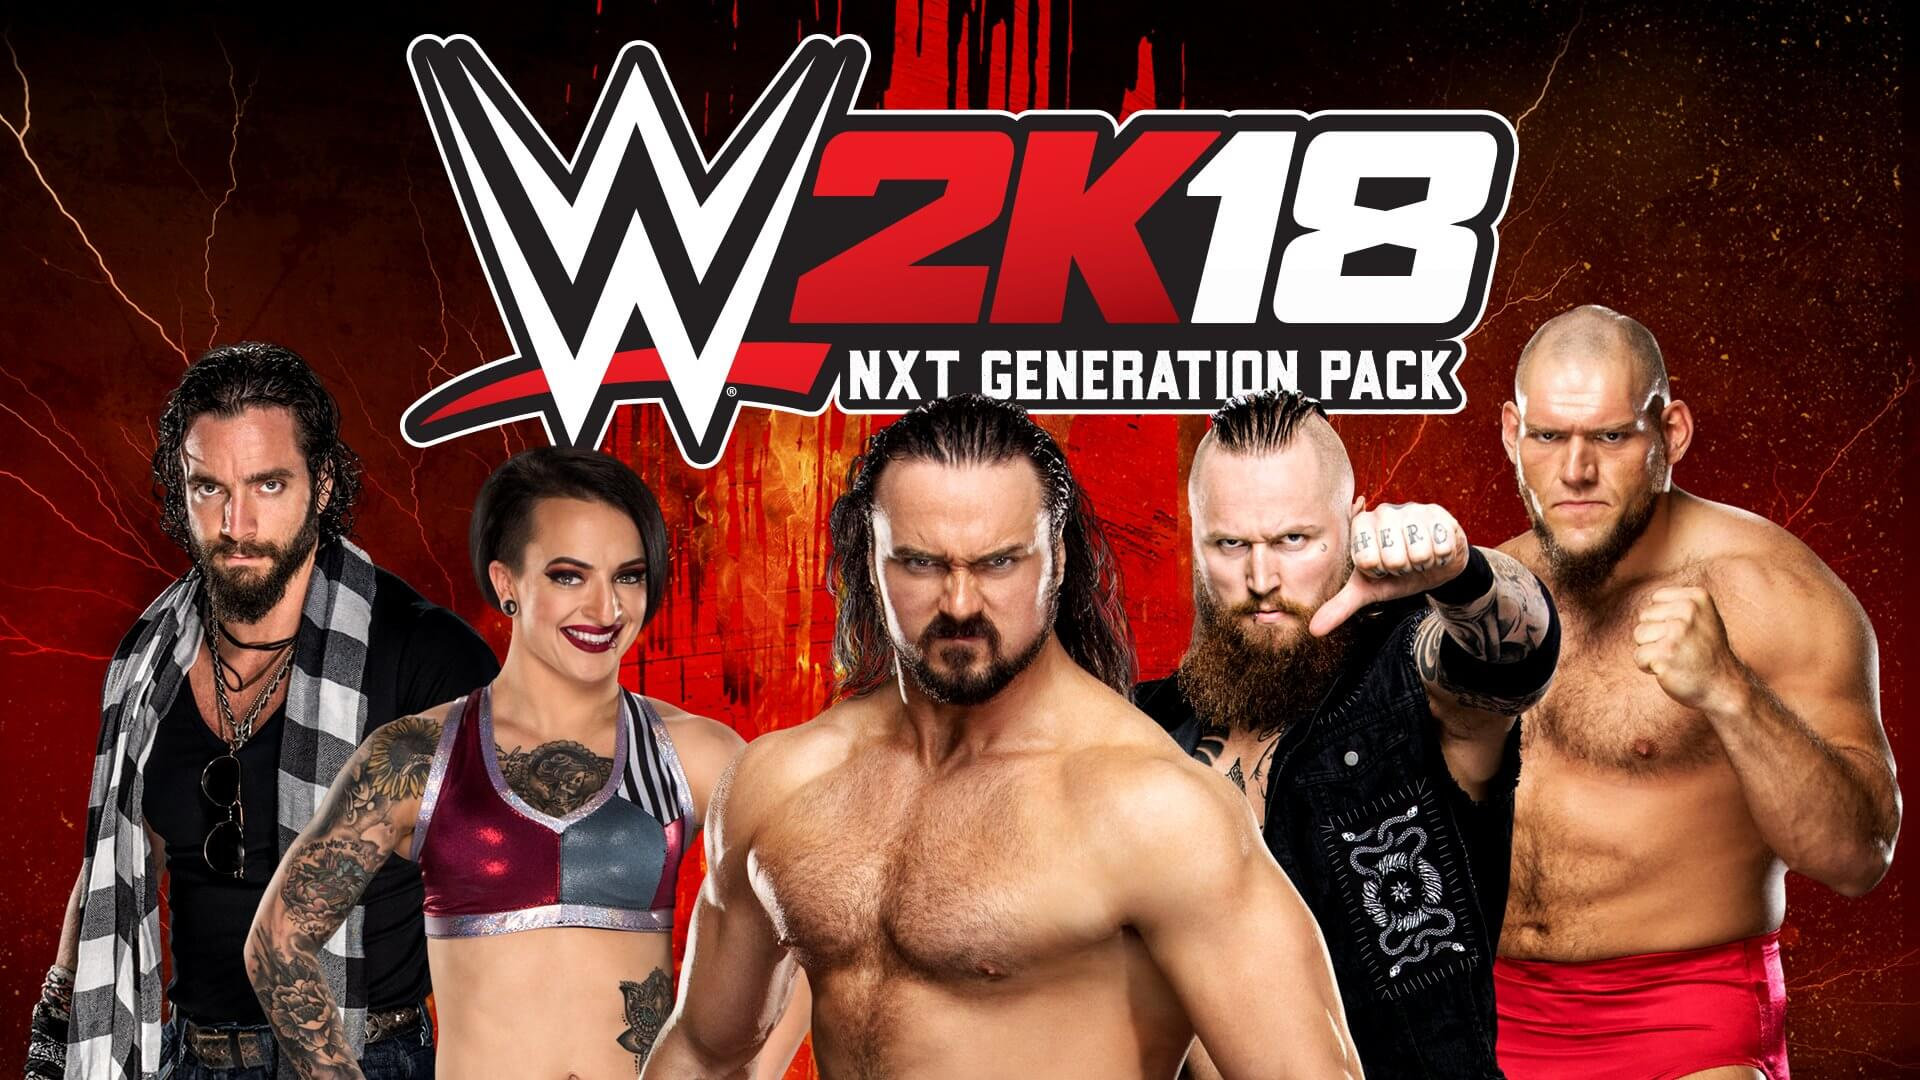 WWE 2K18 NXT Generation